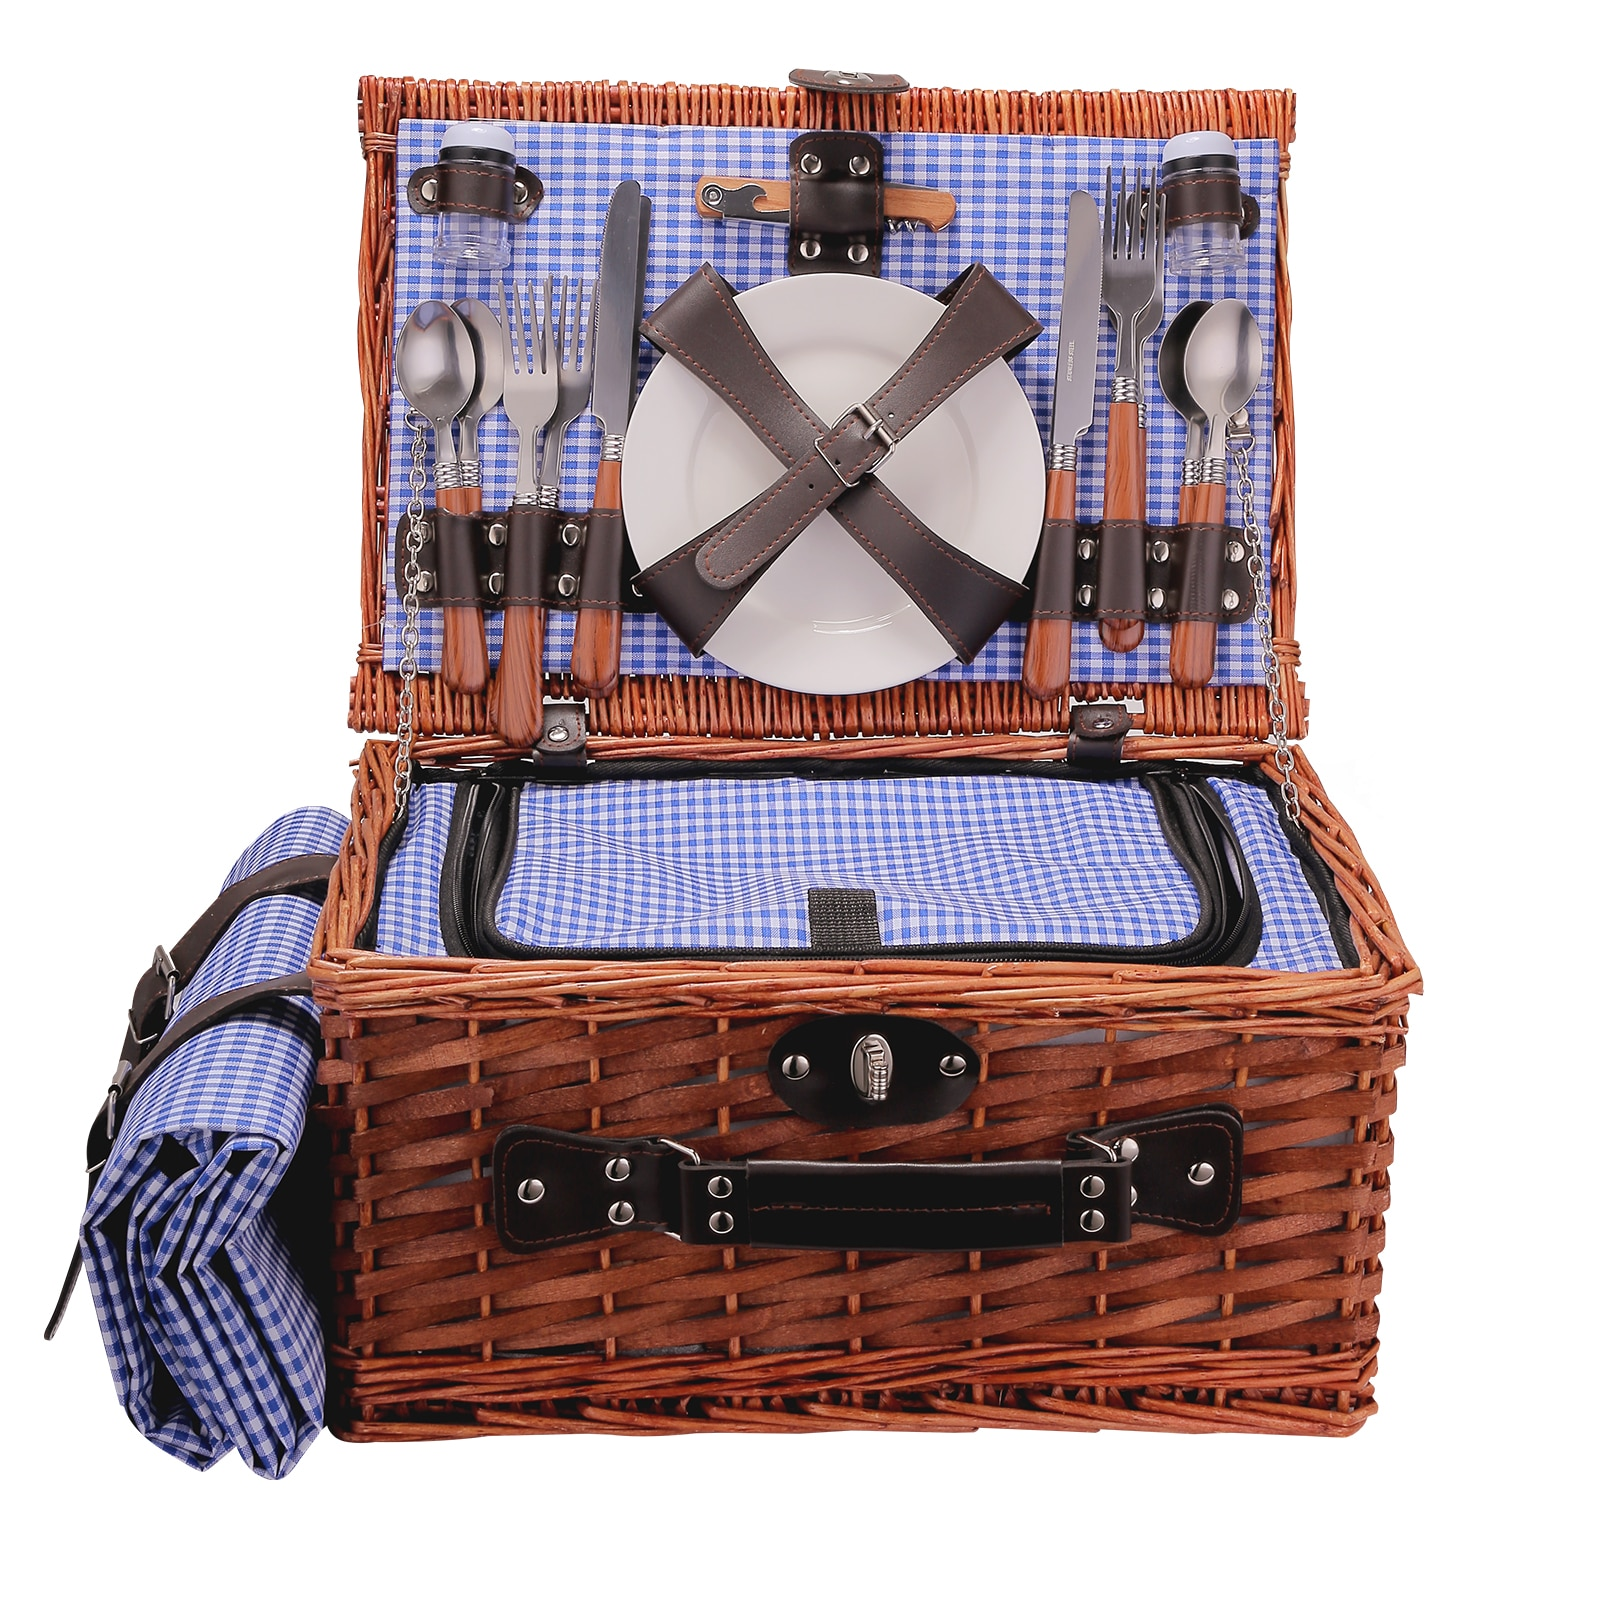 Плетеная корзина плетеная корзина для кемпинга корзинка для пикника на открытом воздухе плетеные корзины для пикника, ручная работа, корзи...